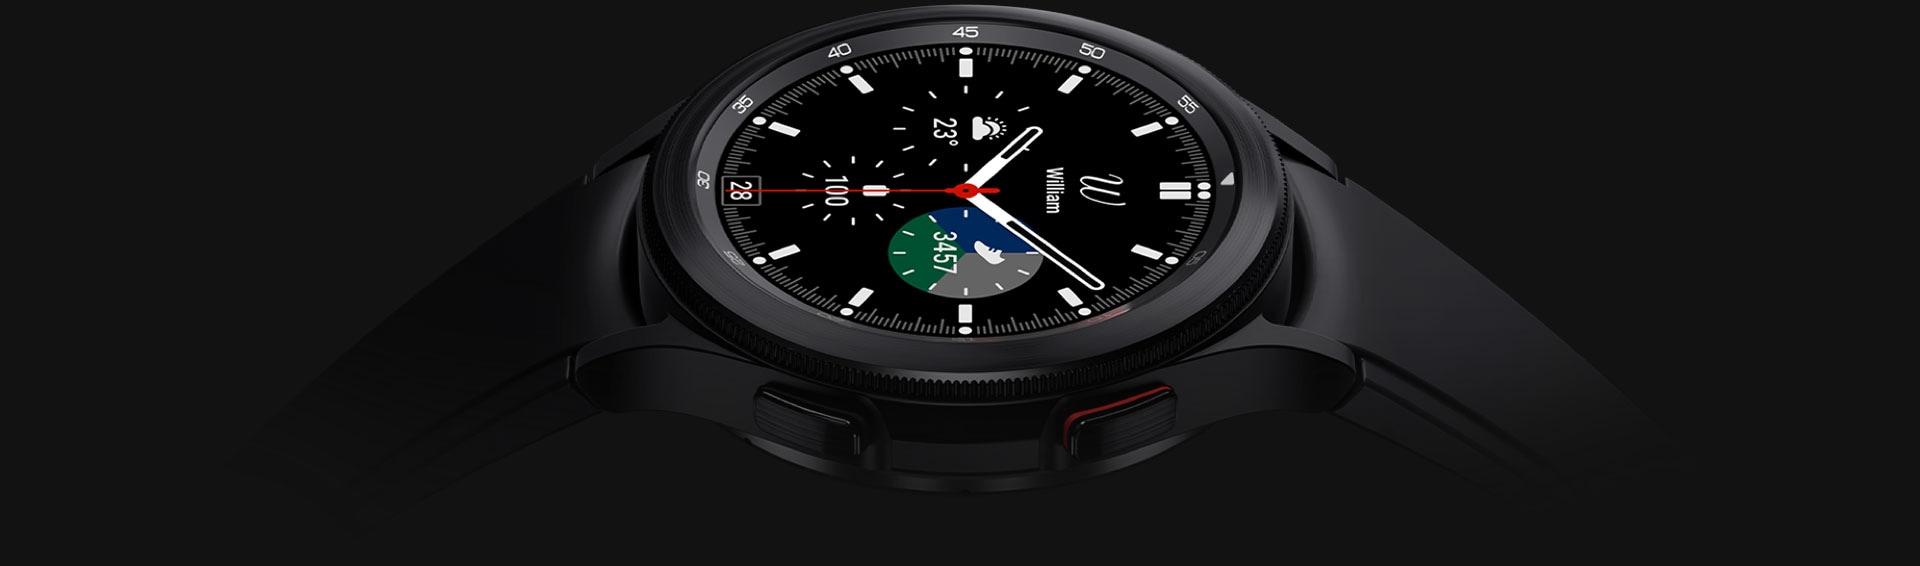 تصميم الشاشة الرئيسية للساعة Galaxy Watch4 Classic باللون أسود متجه لأعلى ويظهر الوقت.